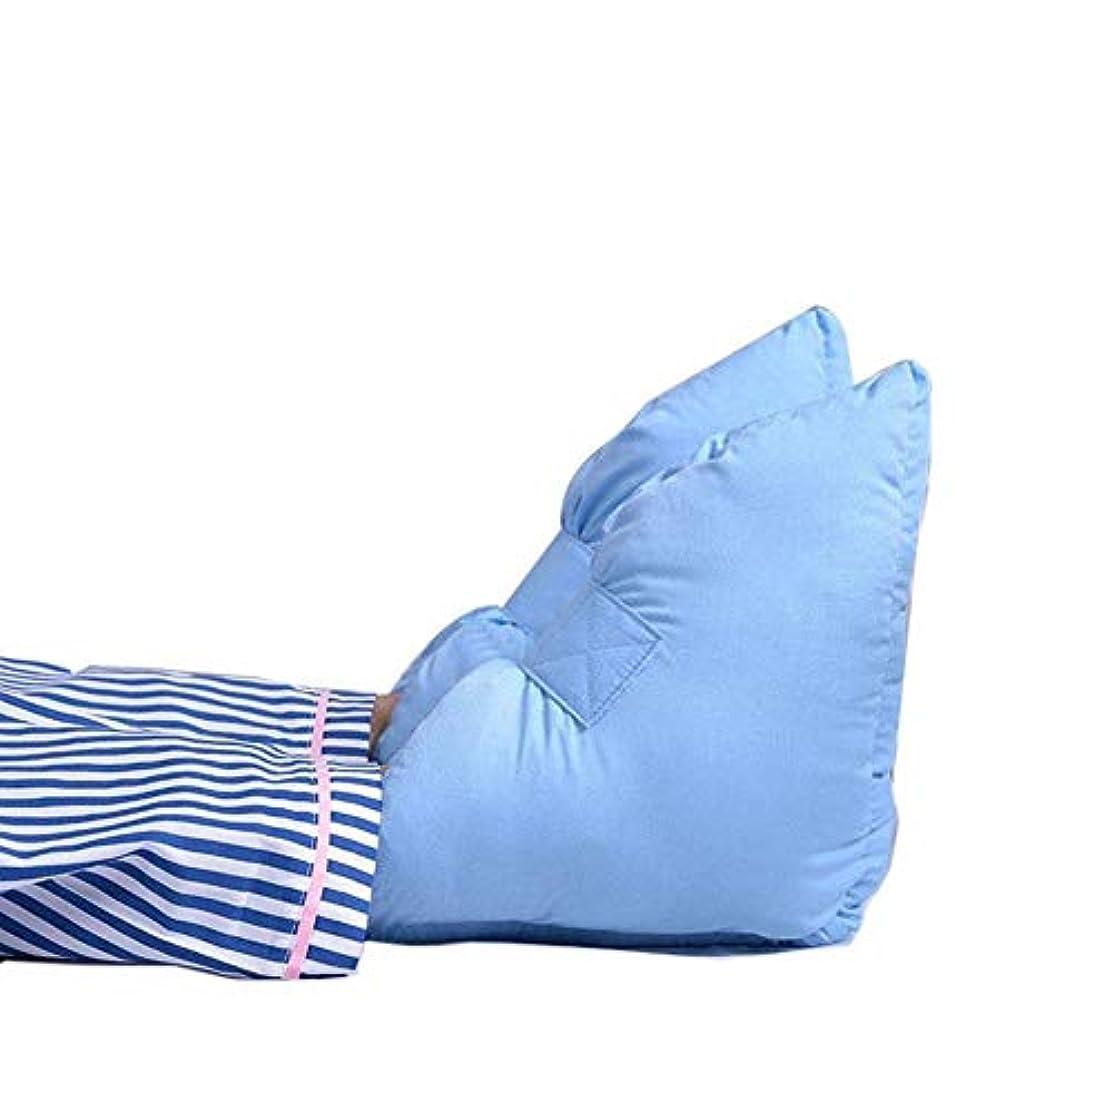 みがきます振る舞うくつろぐ反褥瘡ソフトヒールプロテクター枕、褥瘡予防のためのヒールフロートヒールプロテクター